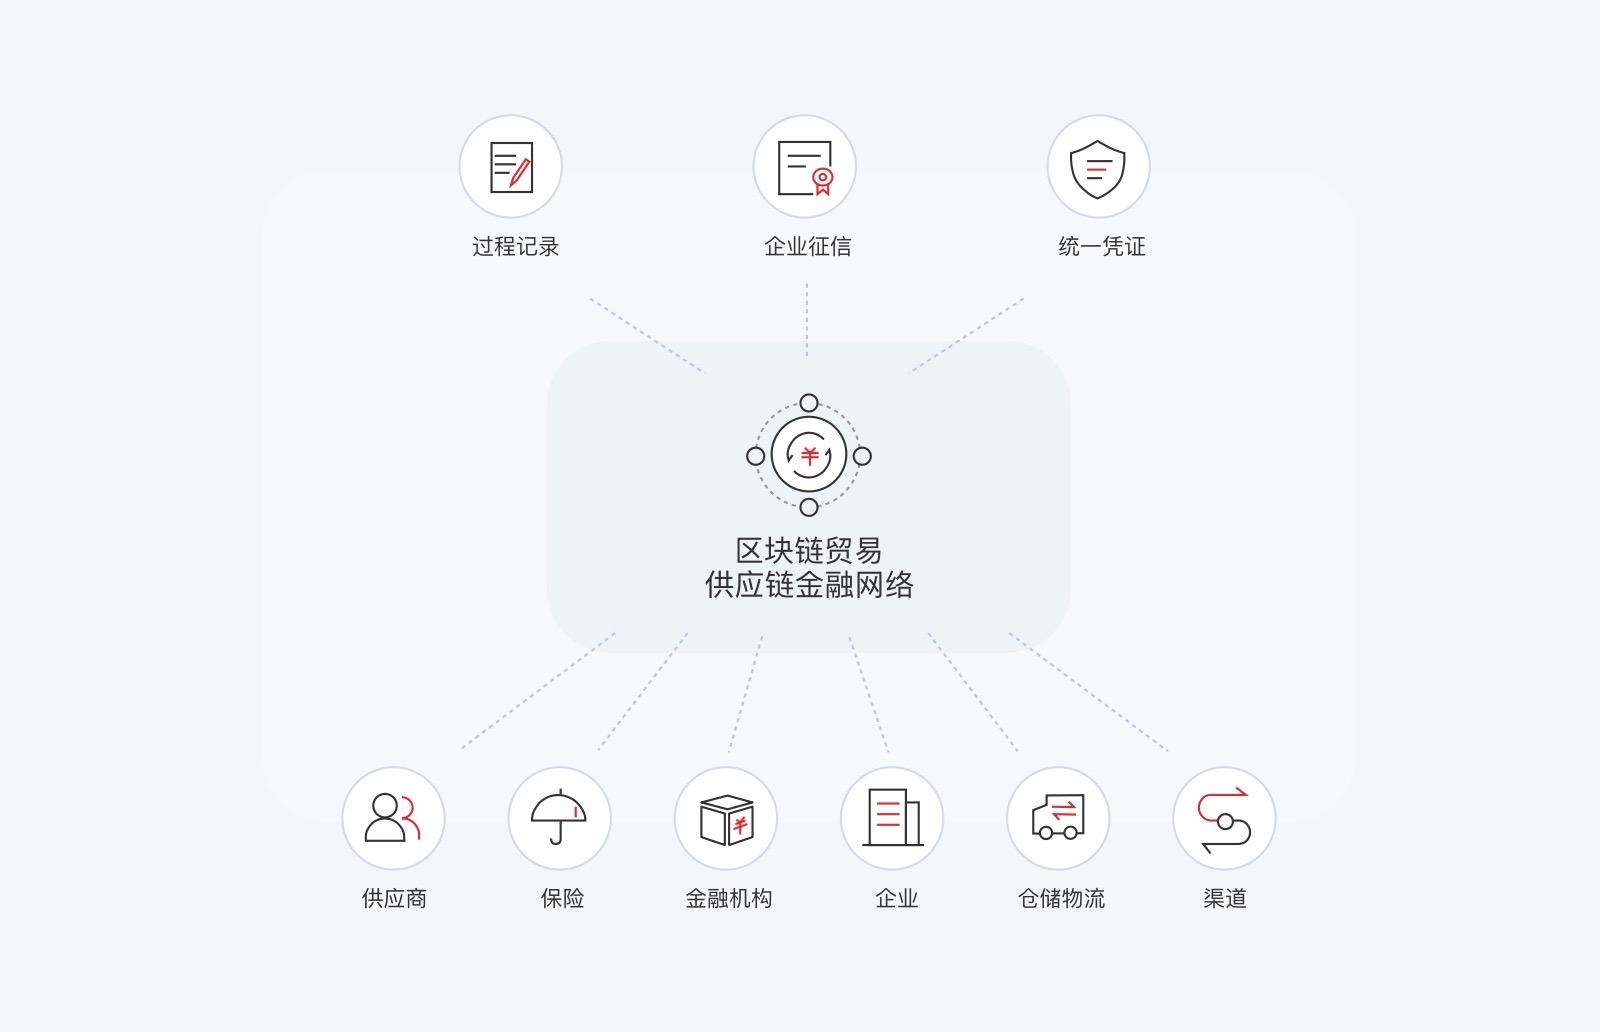 Huawei BCS